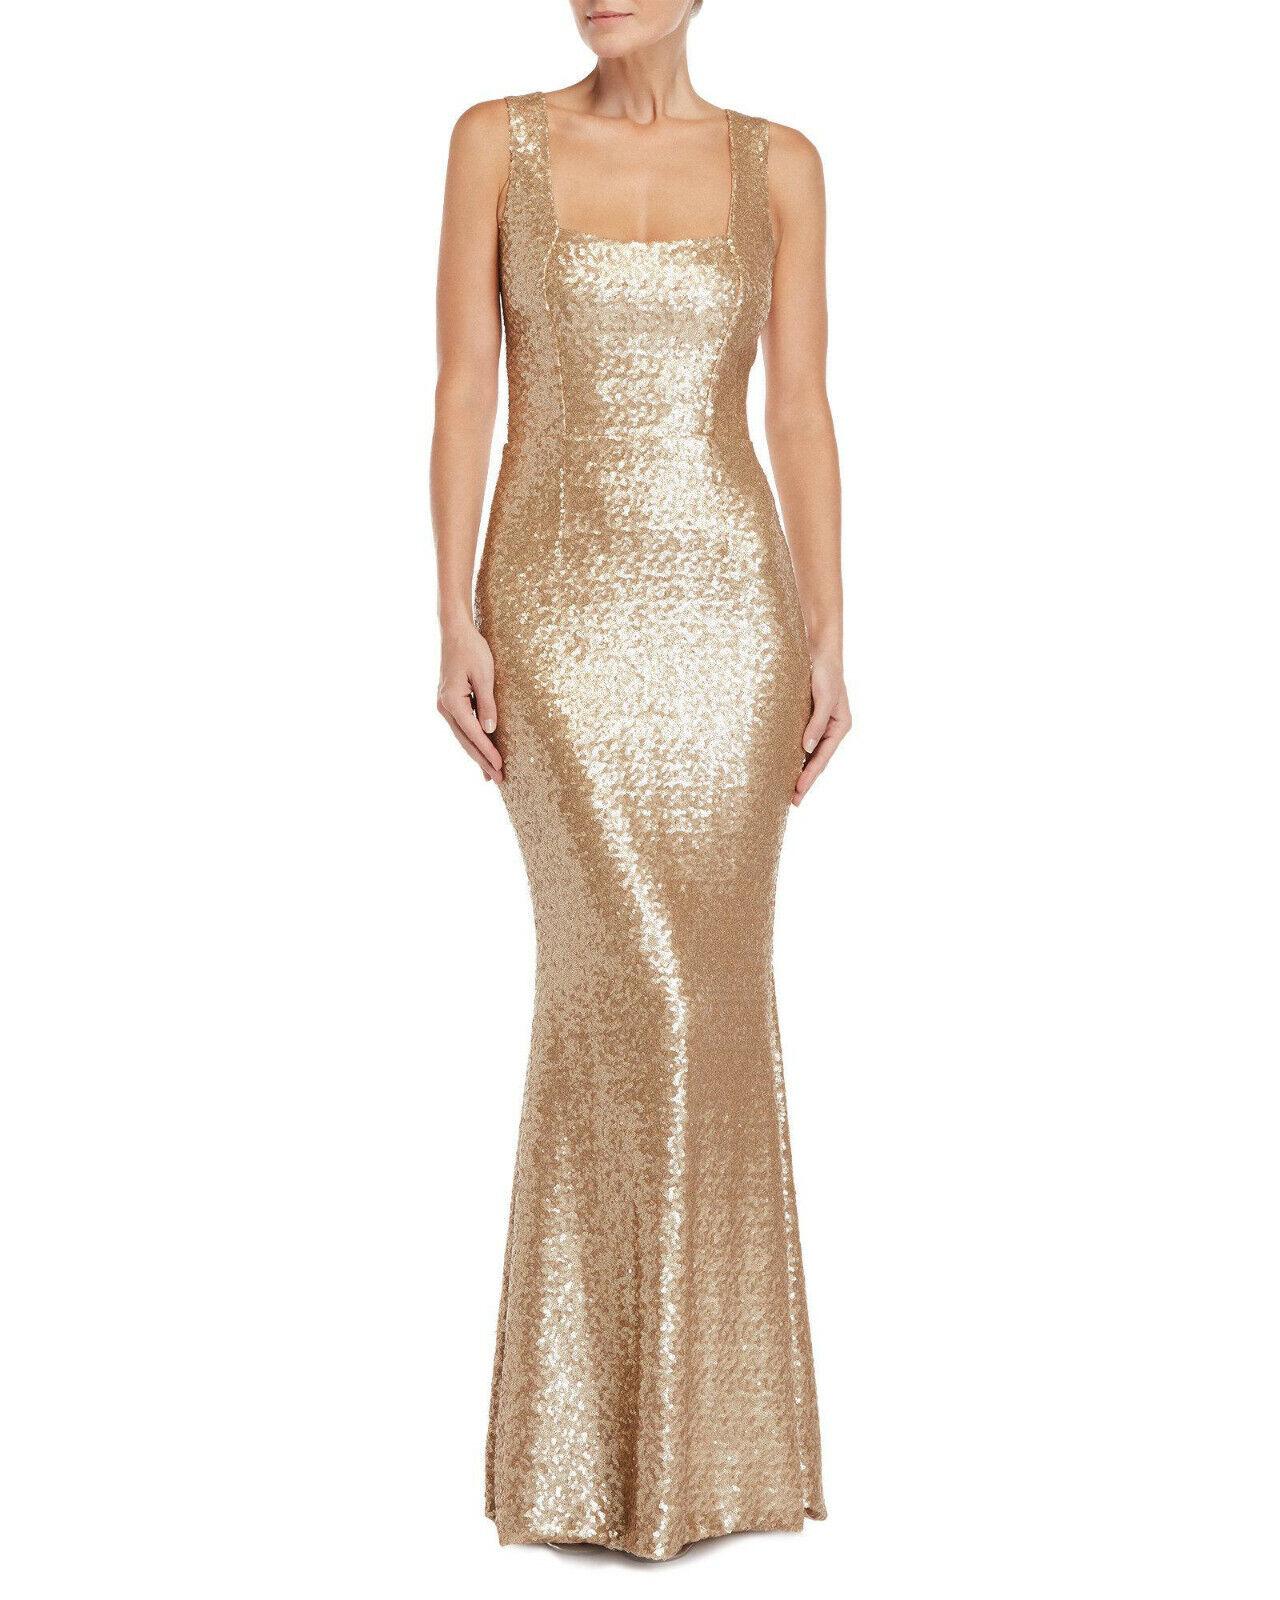 305 Vestido Vestido para  la población Raven con Lentejuelas estilo Sirena Talla L Grande De oro  tomar hasta un 70% de descuento